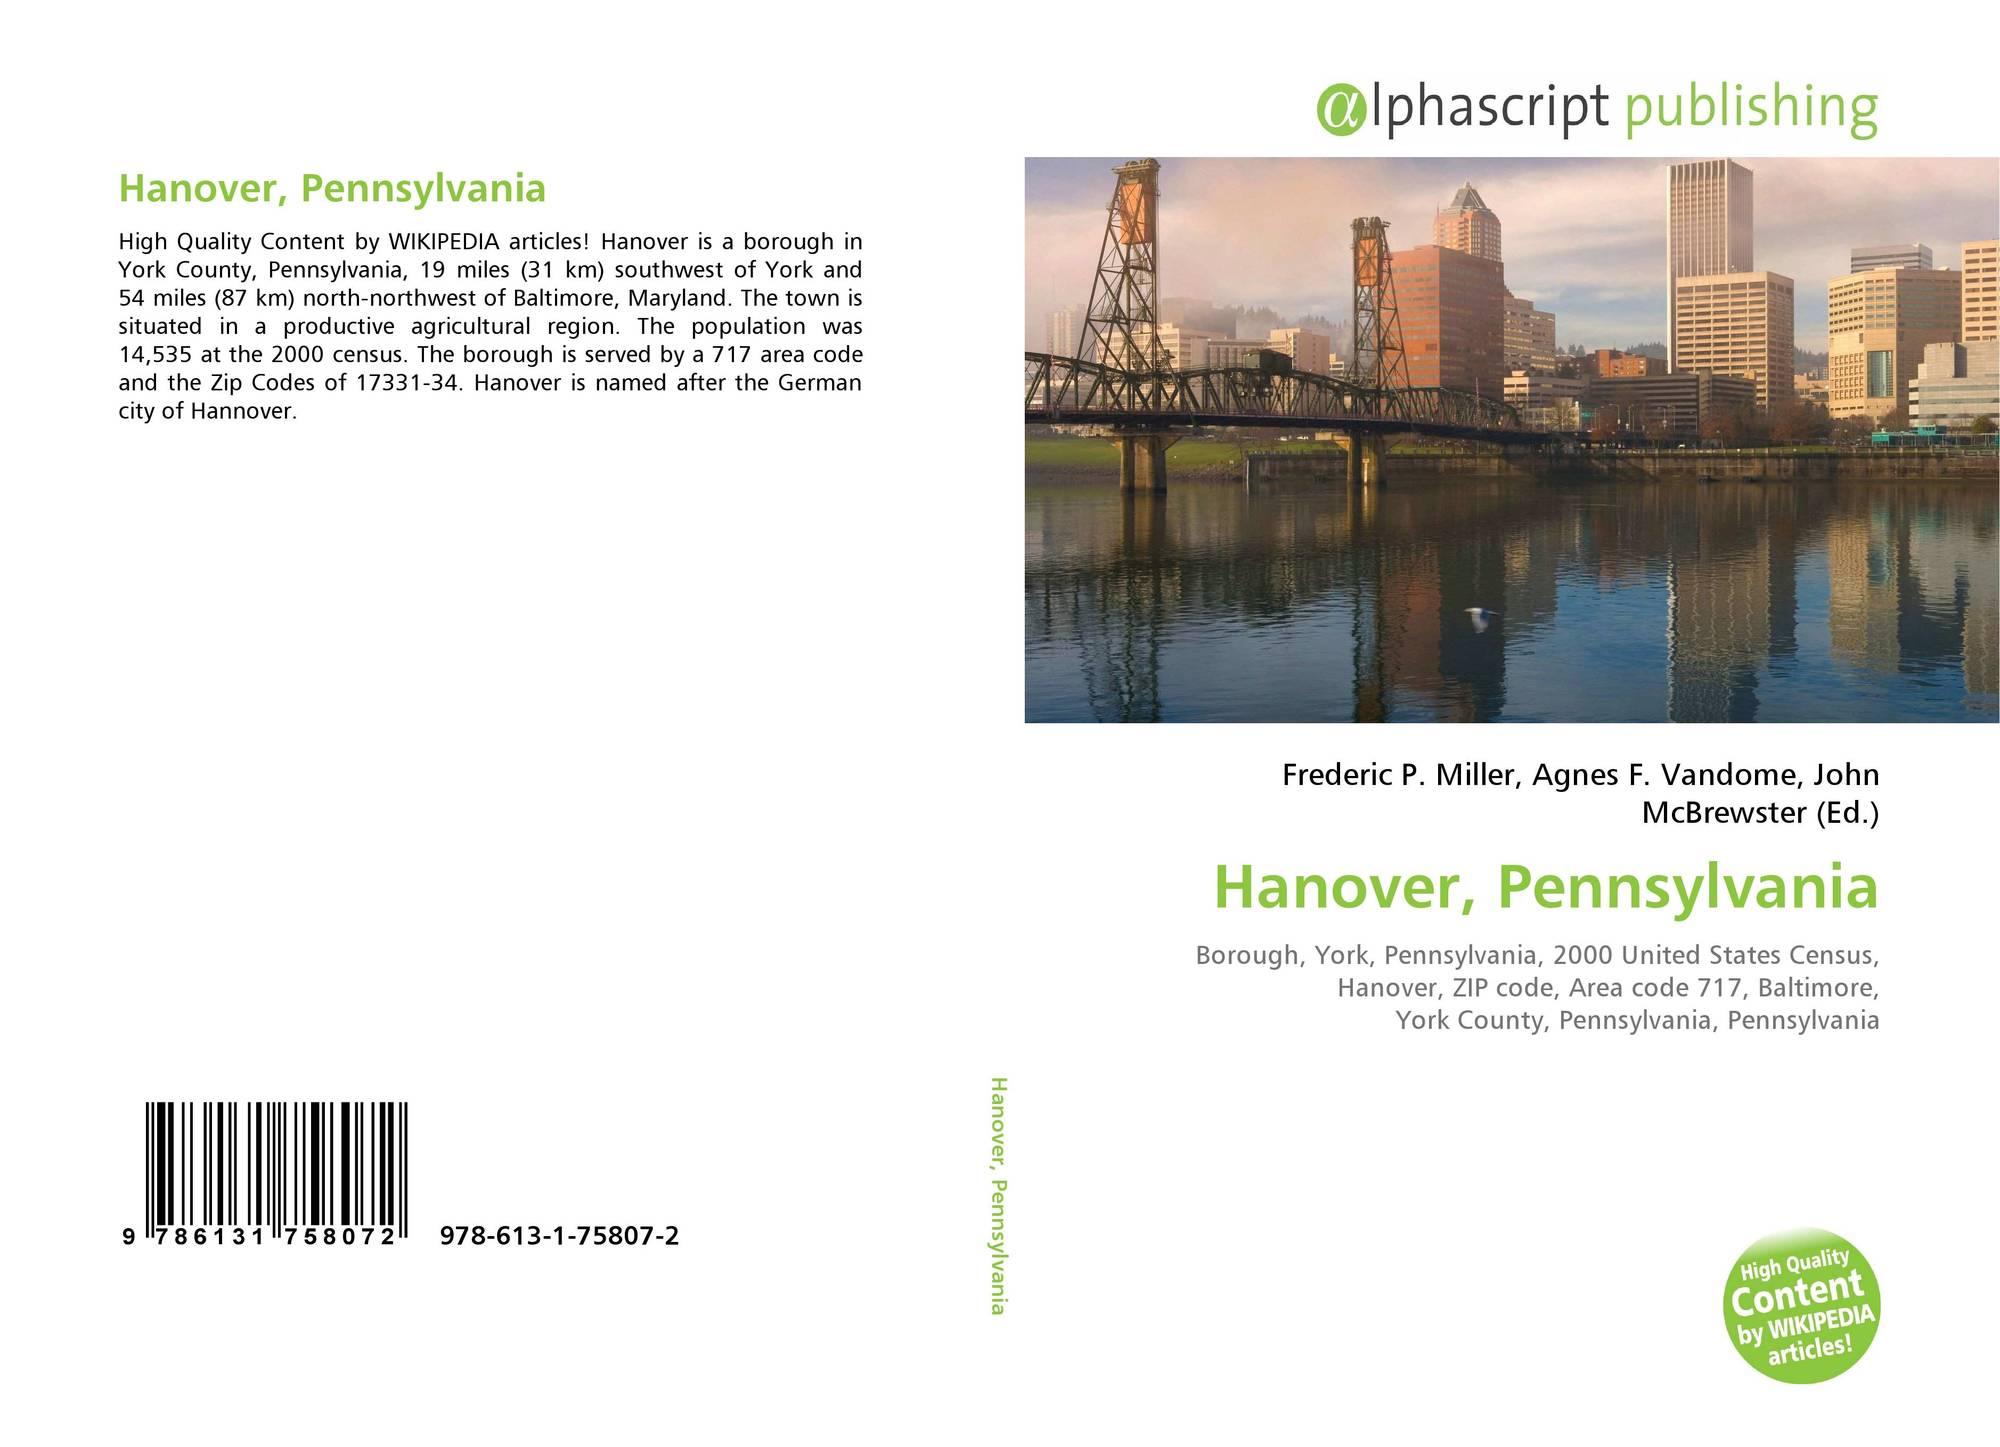 Hanover, Pennsylvania, 978-613-1-75807-2, 6131758077 ,9786131758072